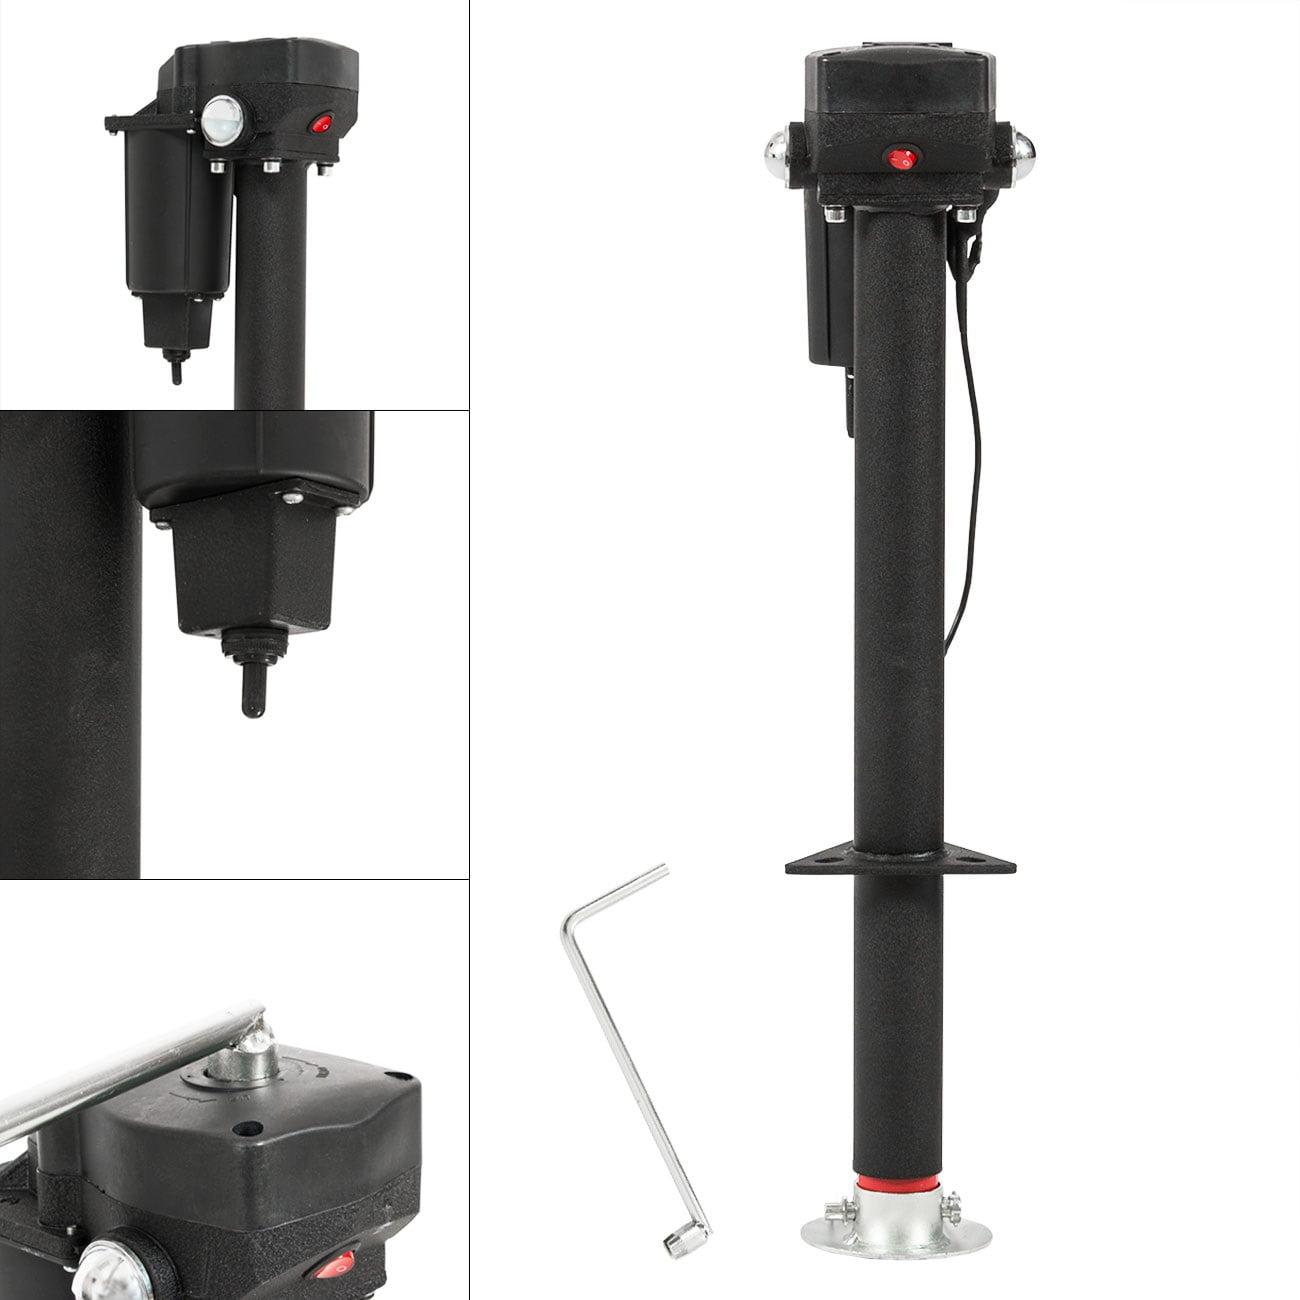 Arksen 12-Volt, Electric Tongue, A-Frame RV Trailer Jack, Adjustable Height - 3500 LB